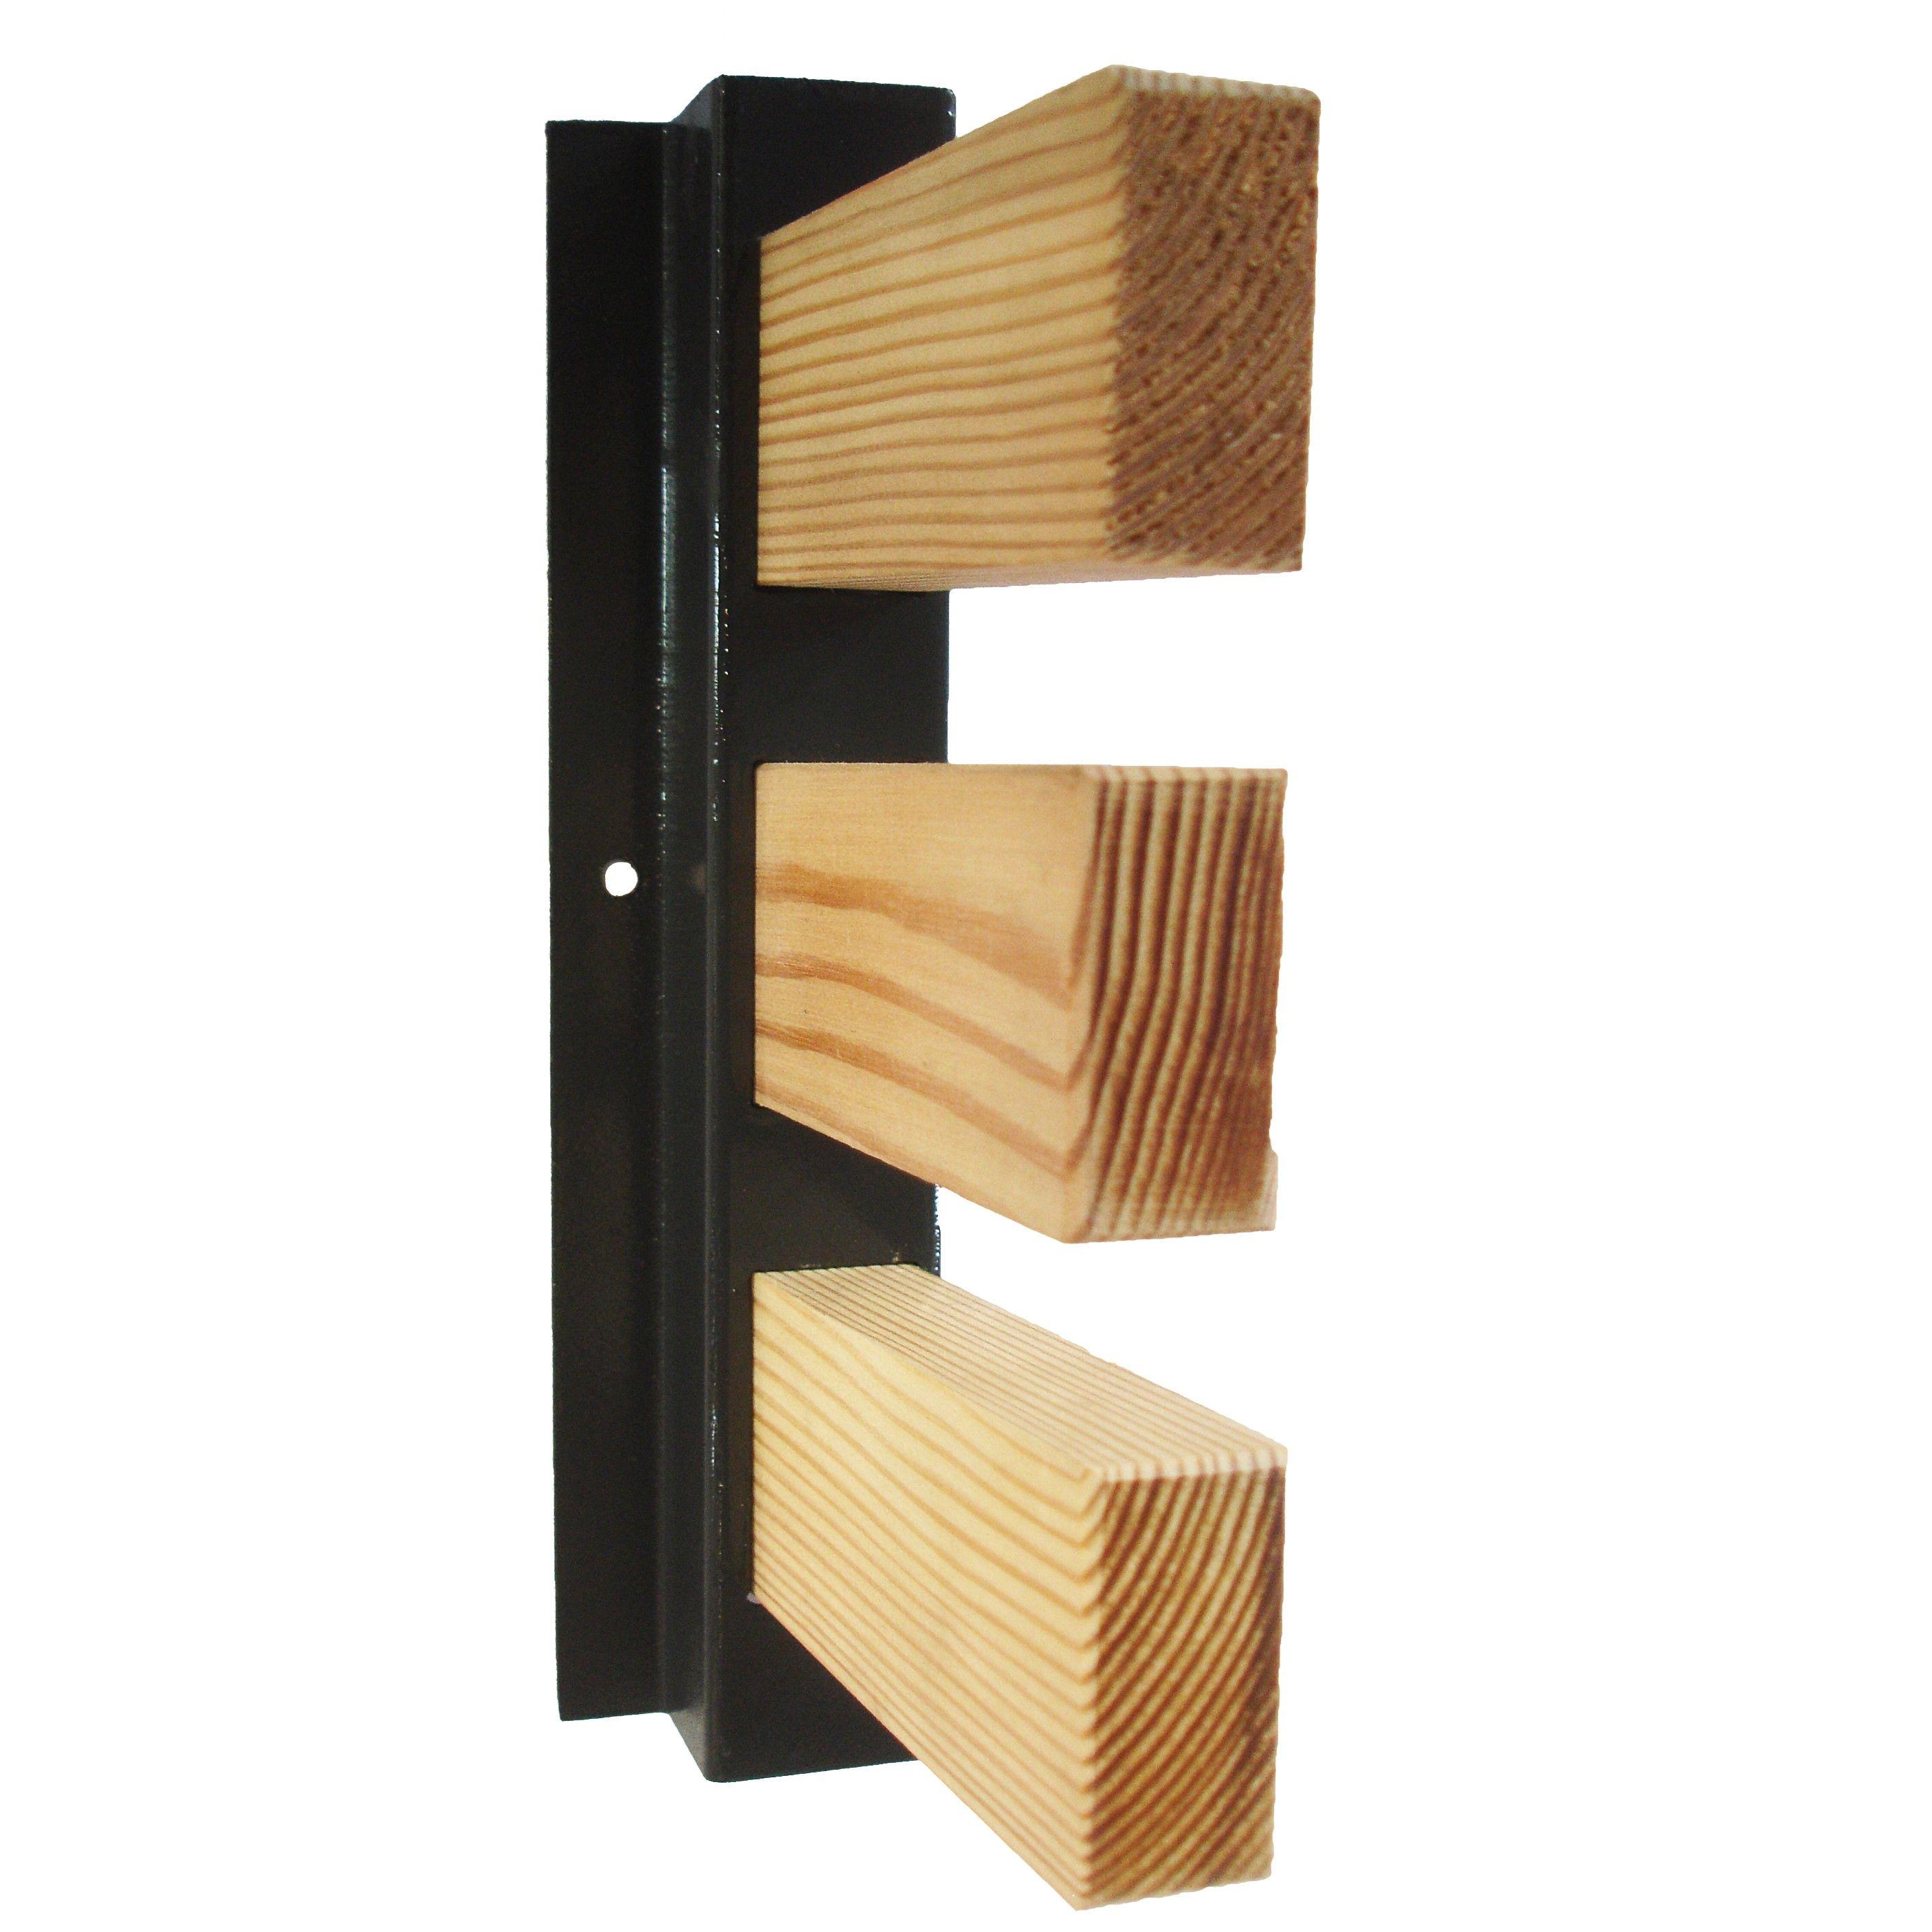 Holzleisten Sichtschutz modern 234 Sichtschutz holz